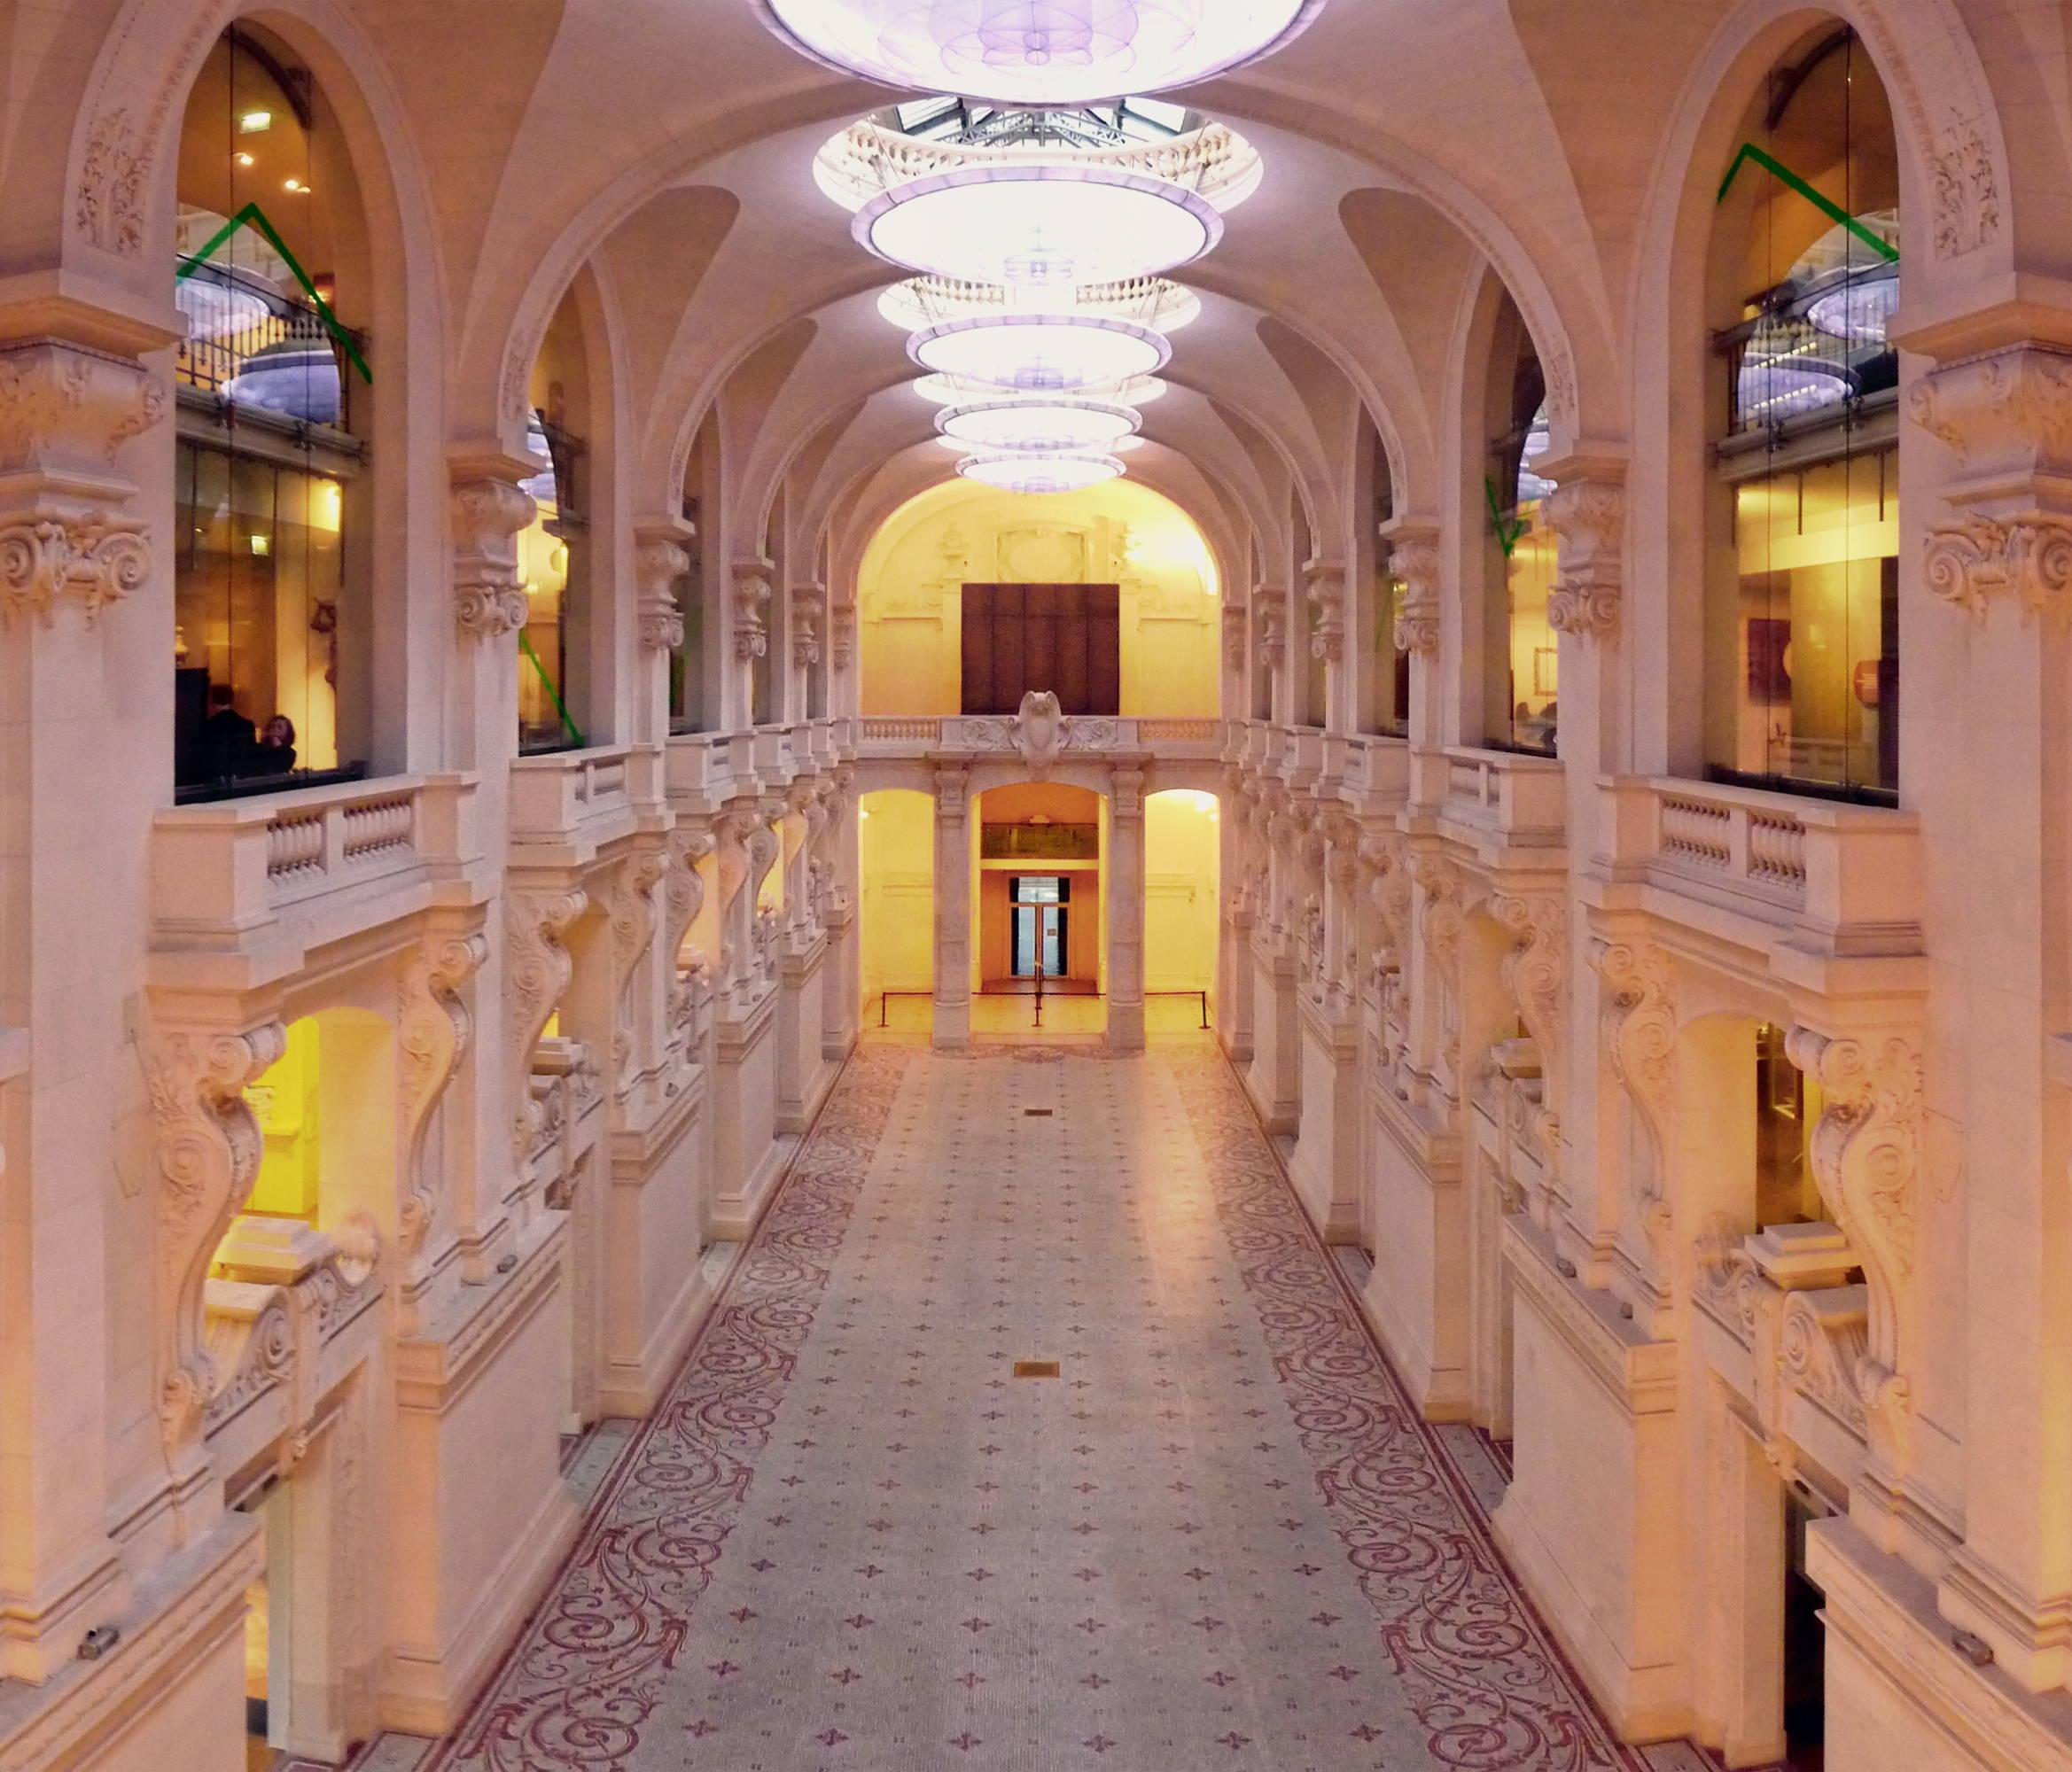 Museum of Decorative Arts, Paris